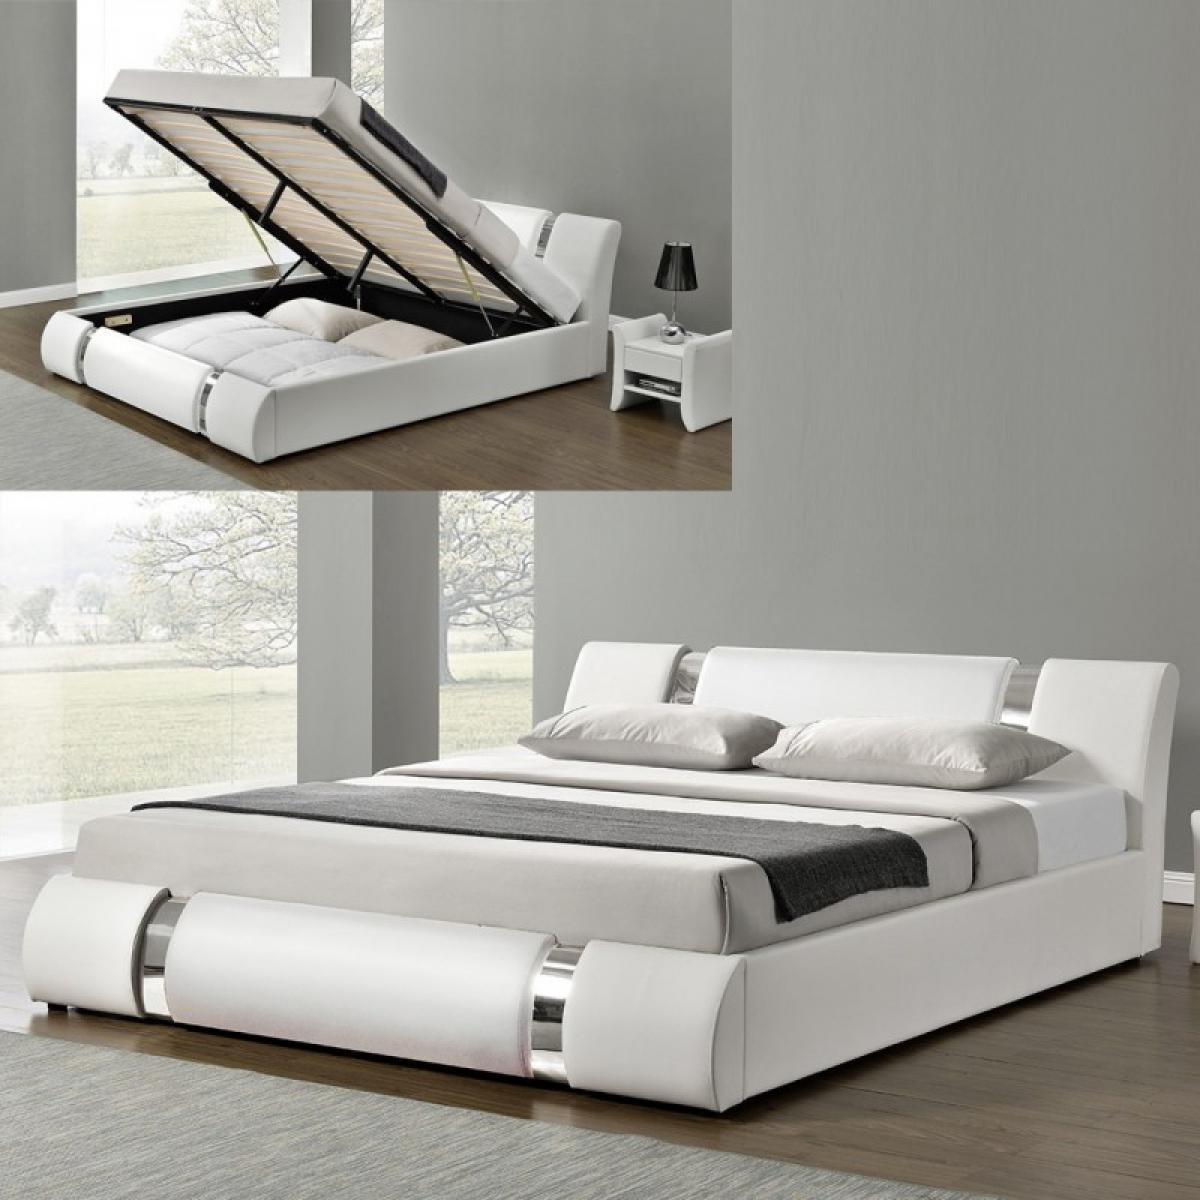 Meubler Design Lit Coffre Sommier Relevable Nova - Blanc - 140x190